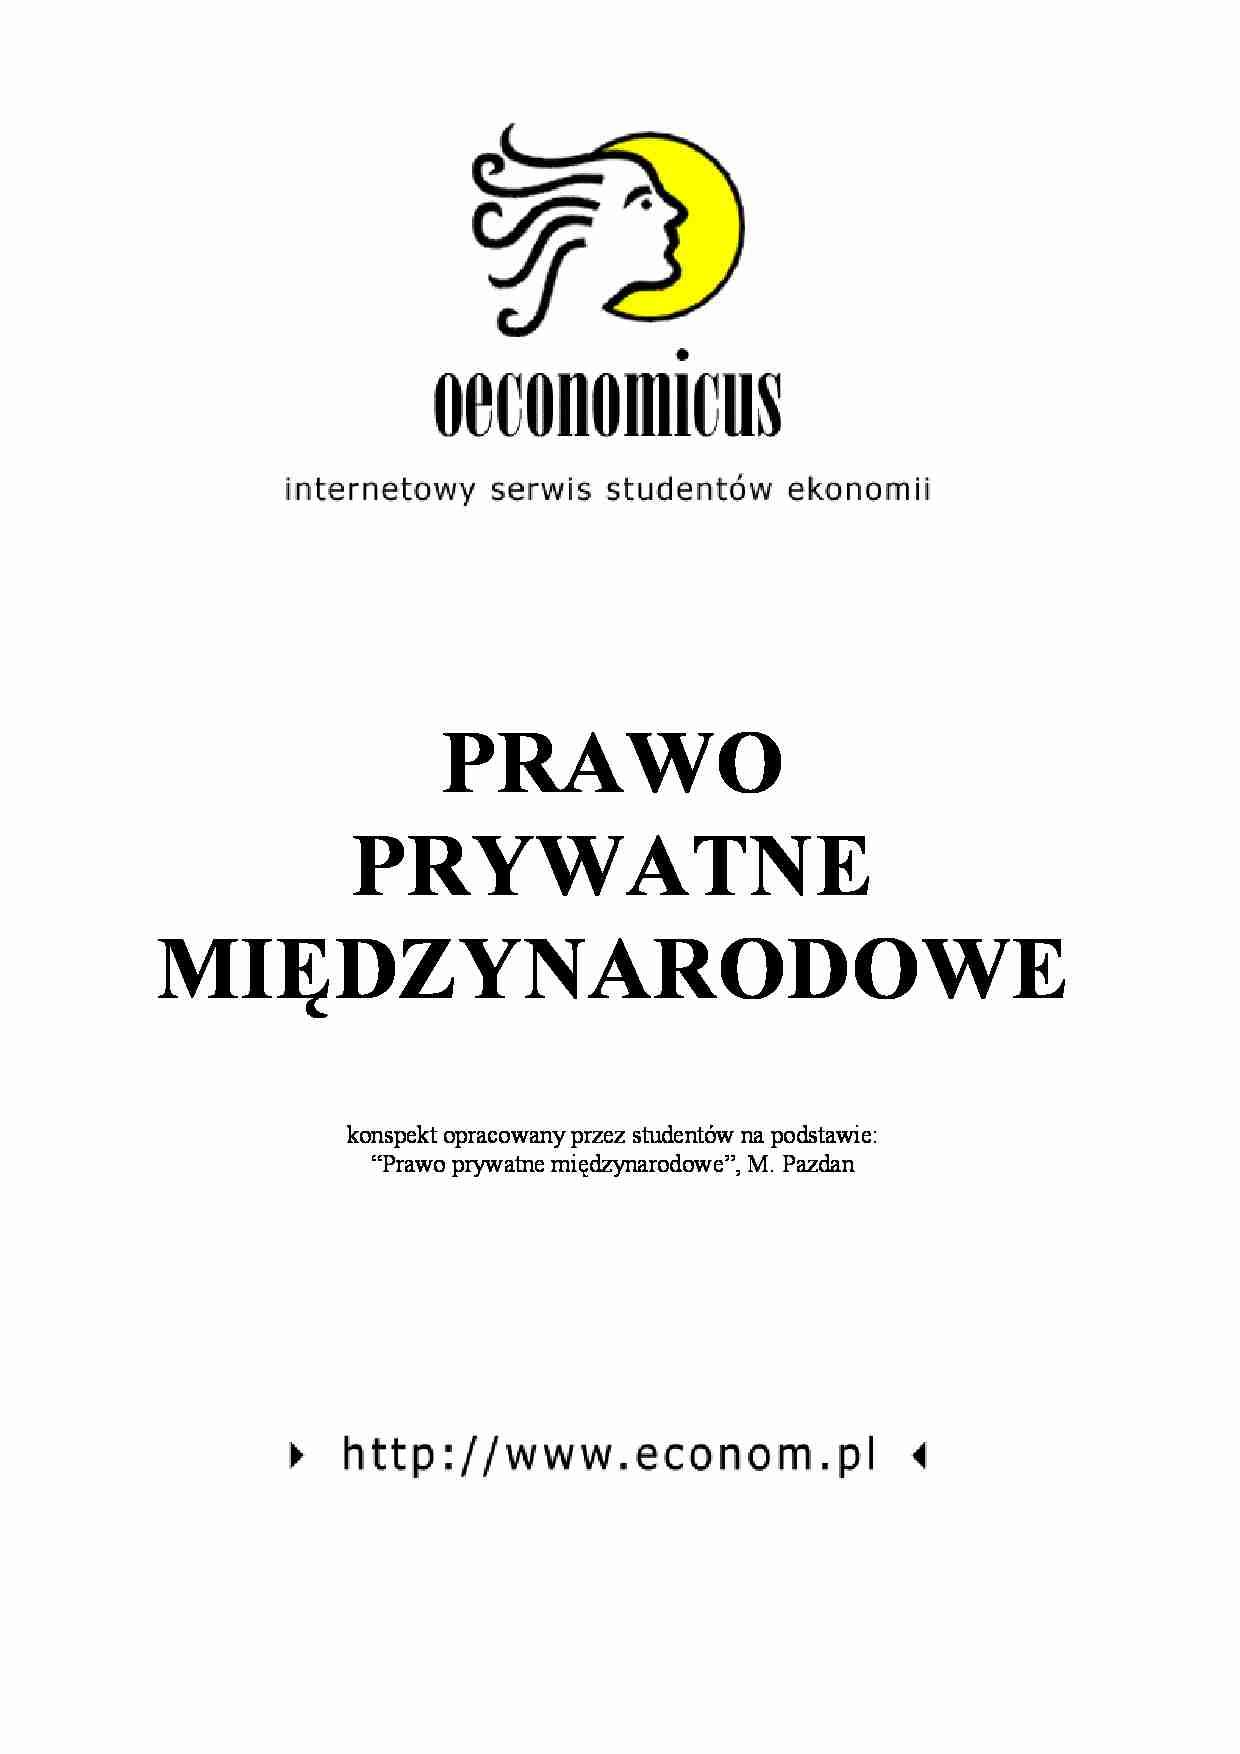 prawo prywatne międzynarodowe podręcznik